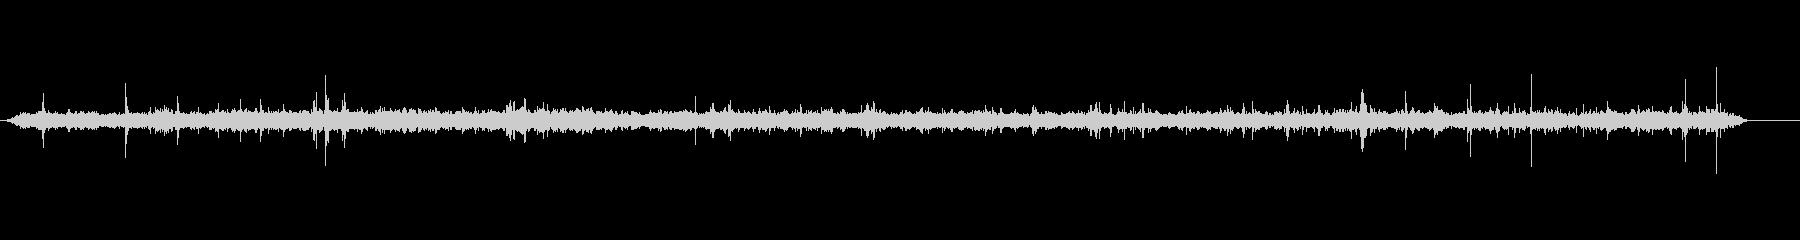 食料品店のアニメーションの声-レジの未再生の波形